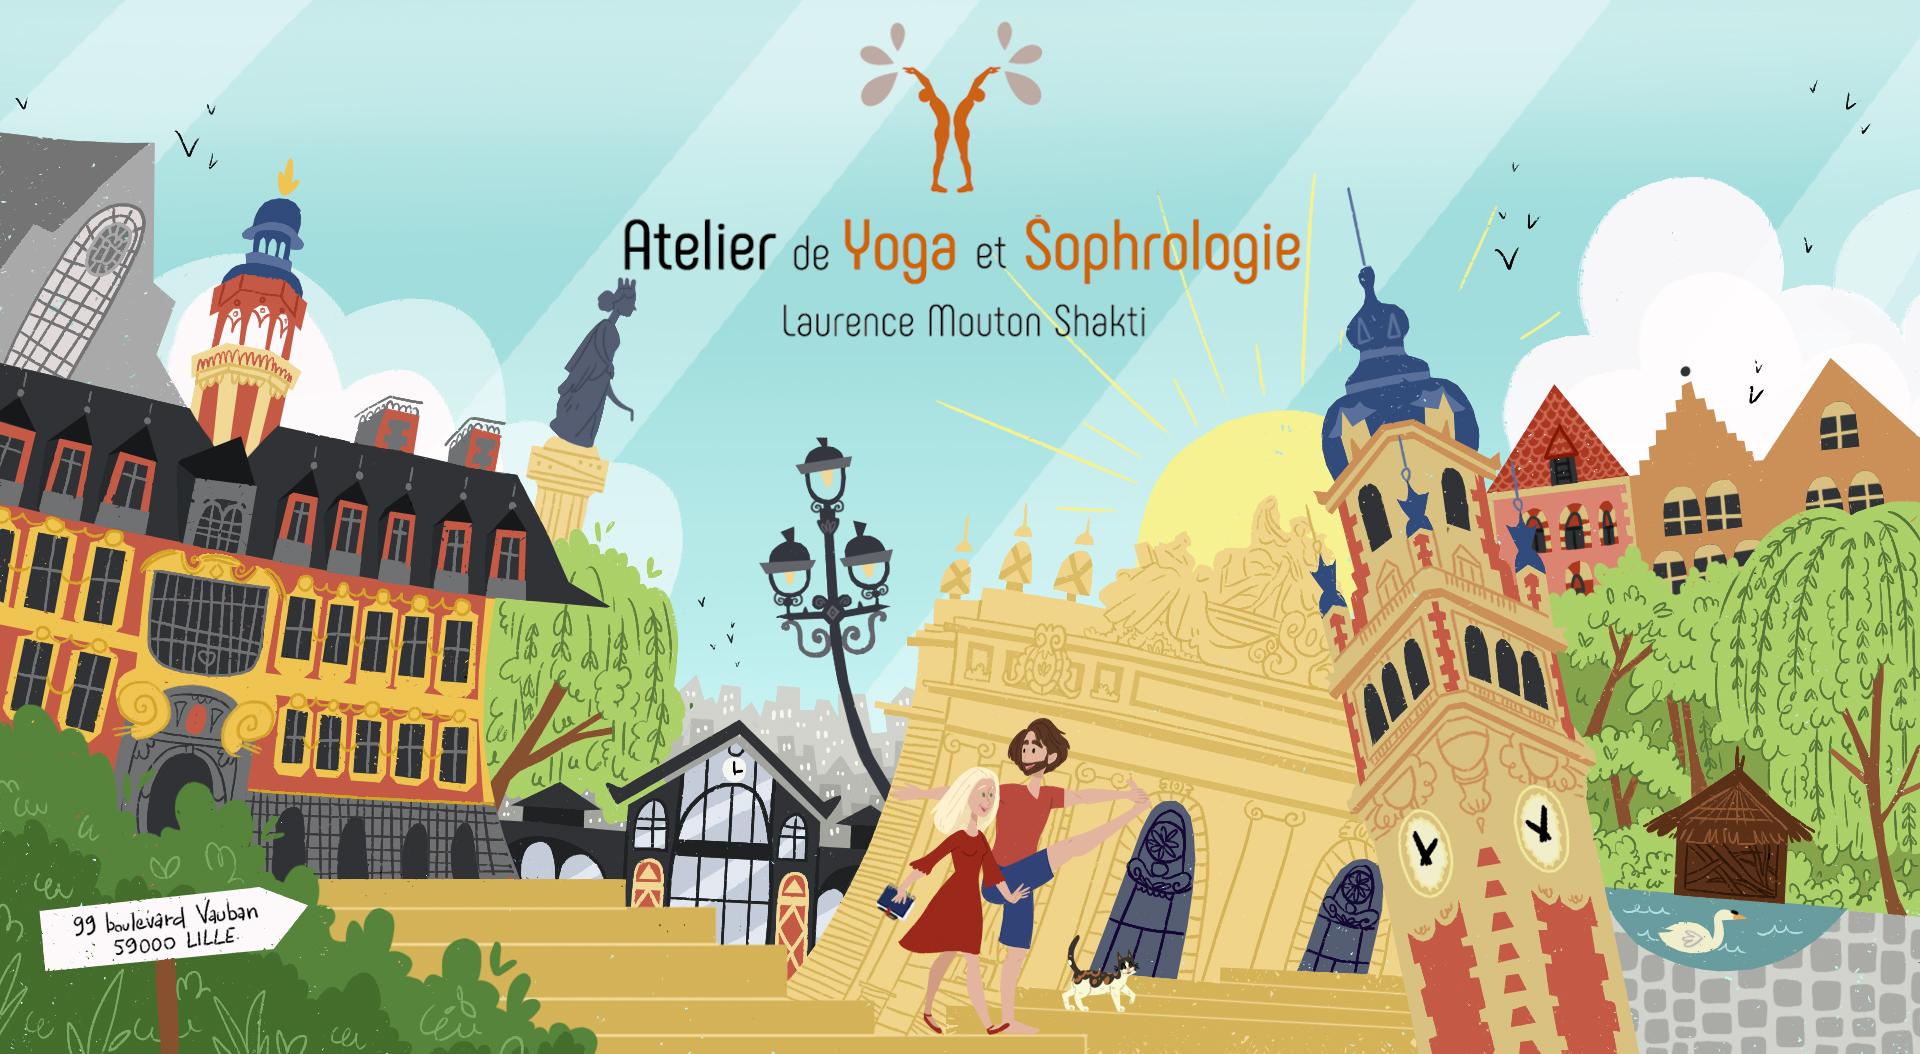 Atelier de Yoga, Sophrologie et Psychanalyse par la Sophrologue et Psychanalyste Laurence Mouton Shakti, à Lille